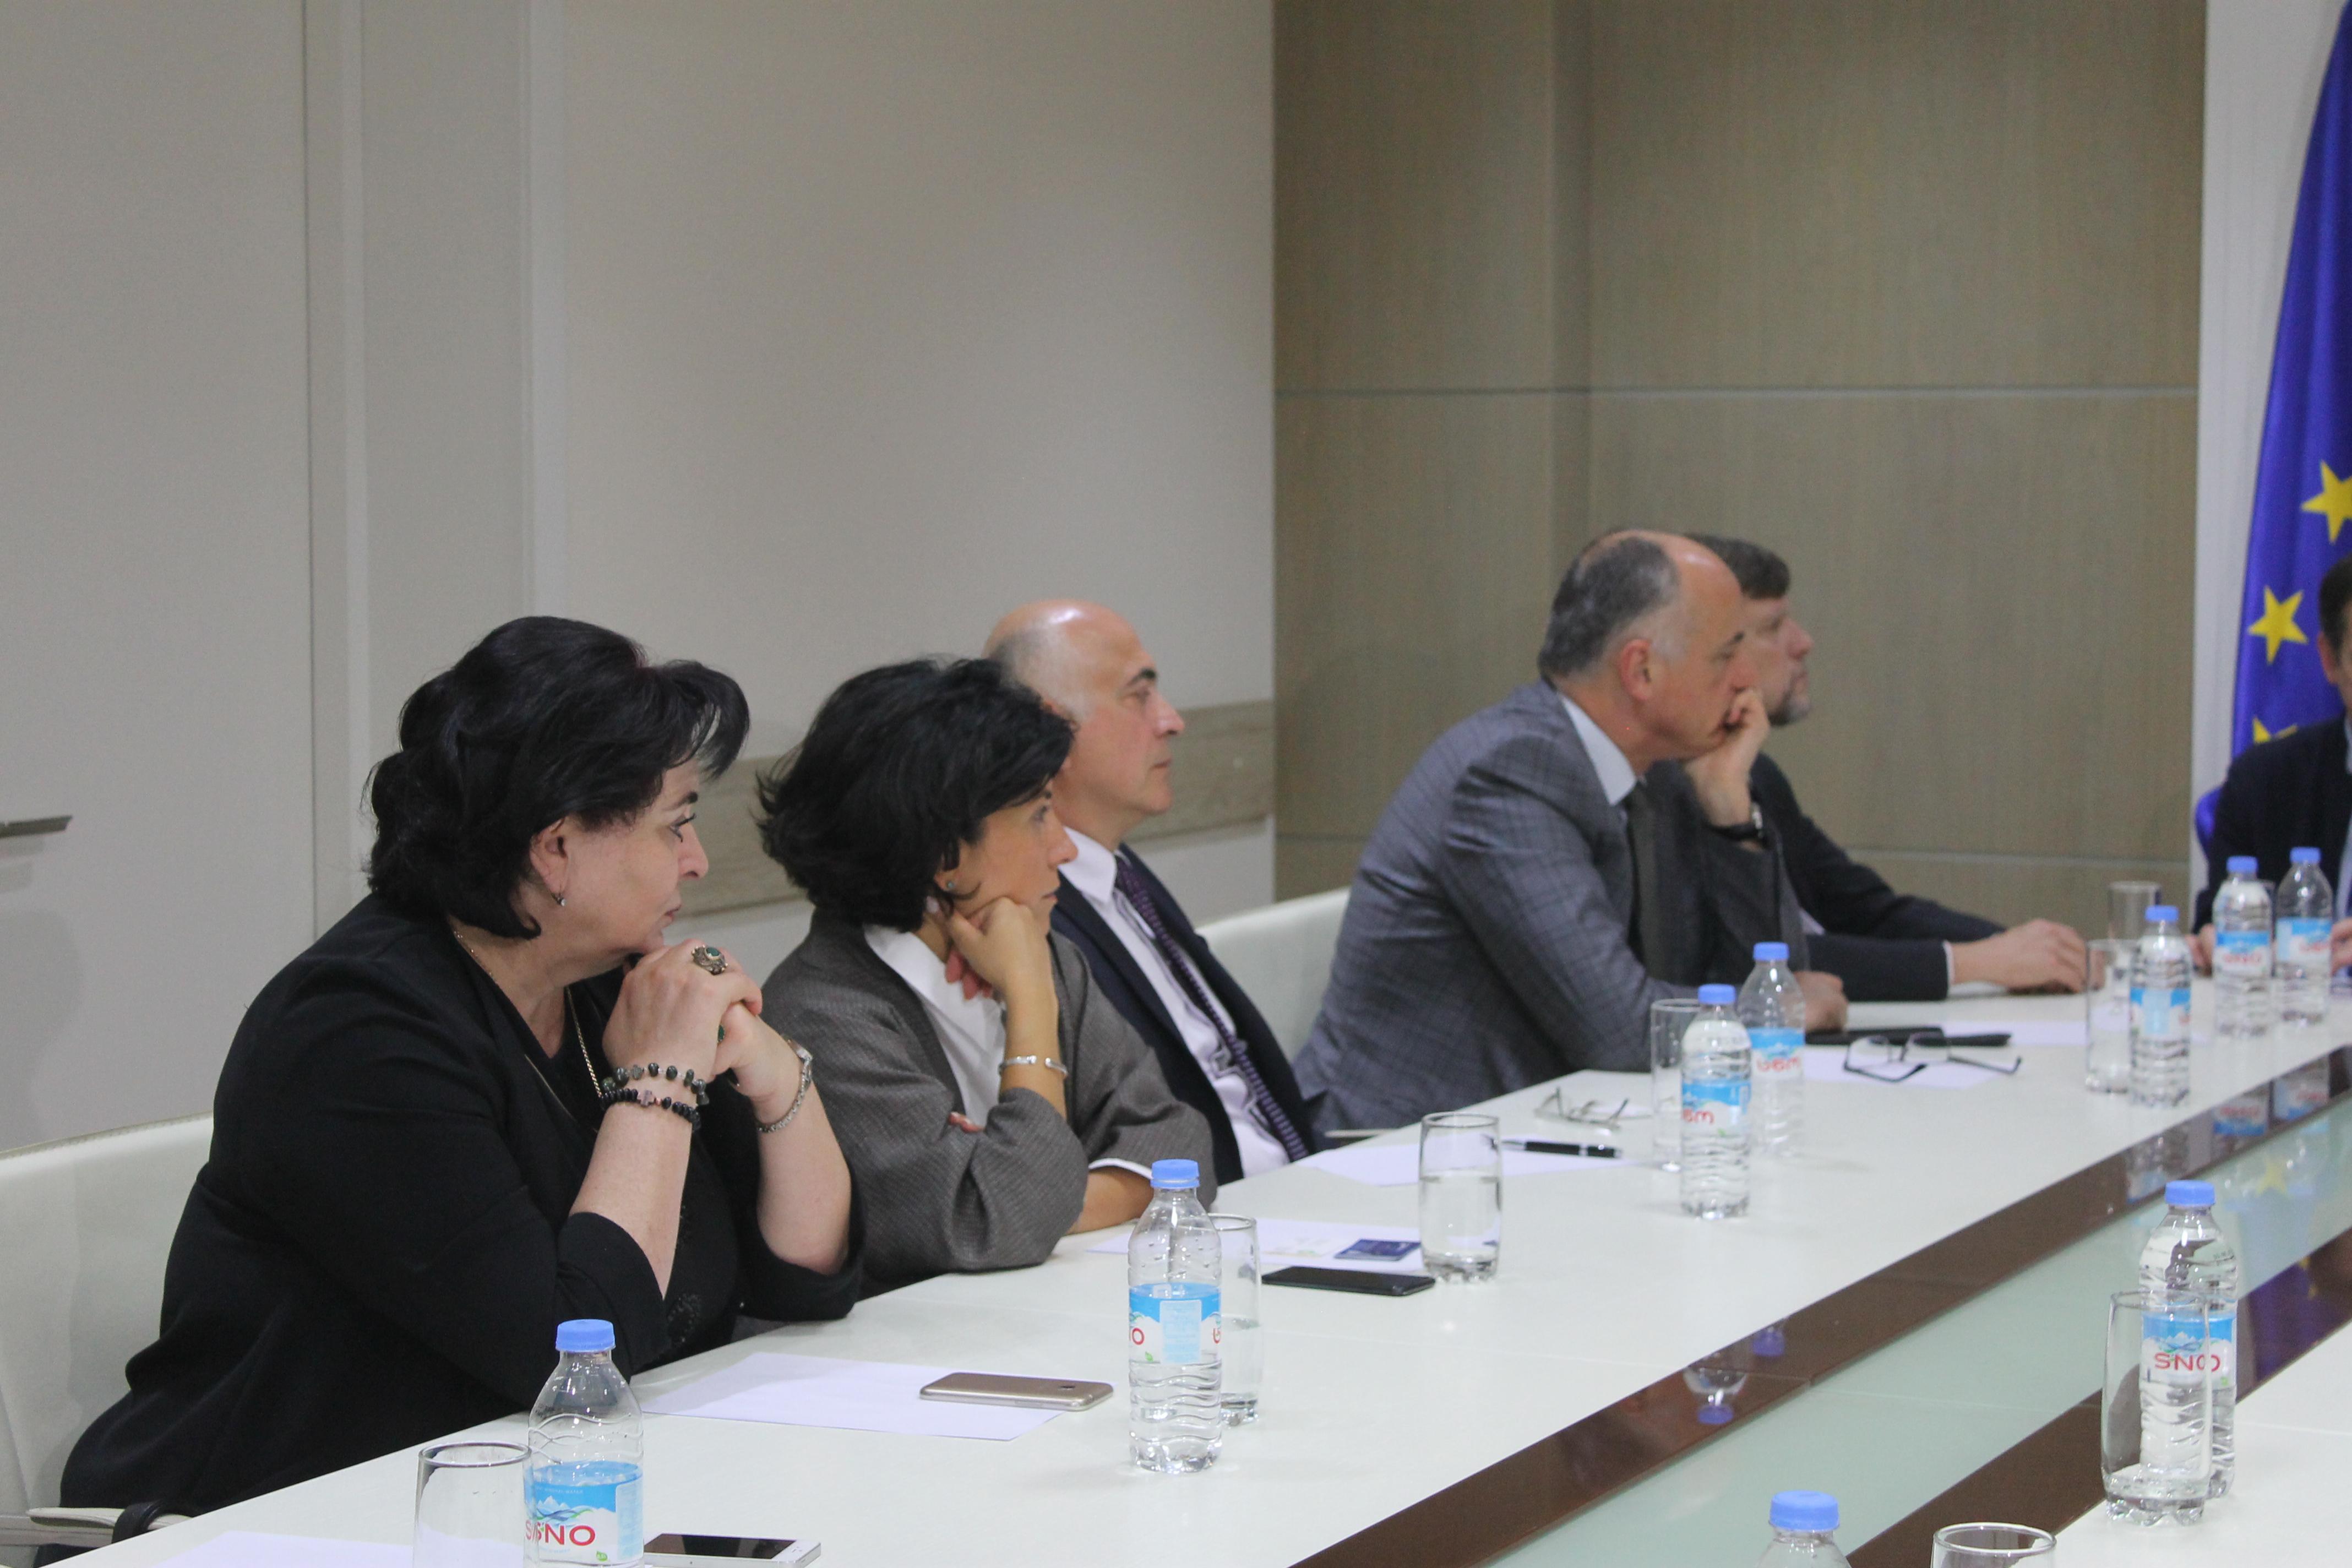 EUGBC members met Victor Dolidze